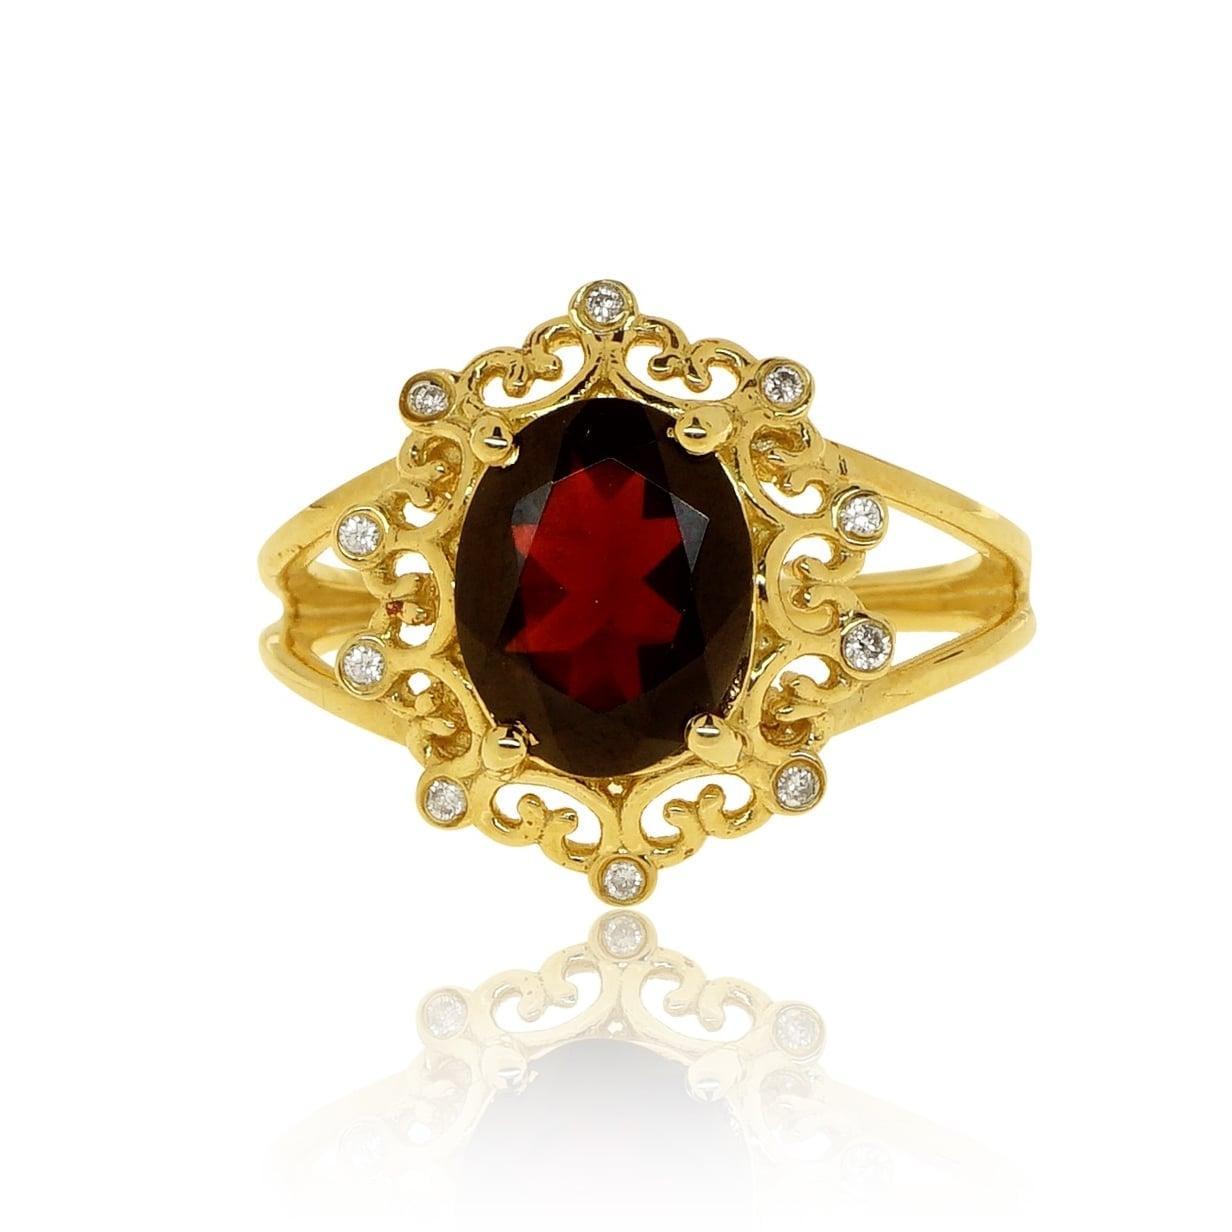 טבעת זהב 14 קרט בעיצוב ויקטוריאני משובץ אבן גרנט ויהלומים 0.08 קראט